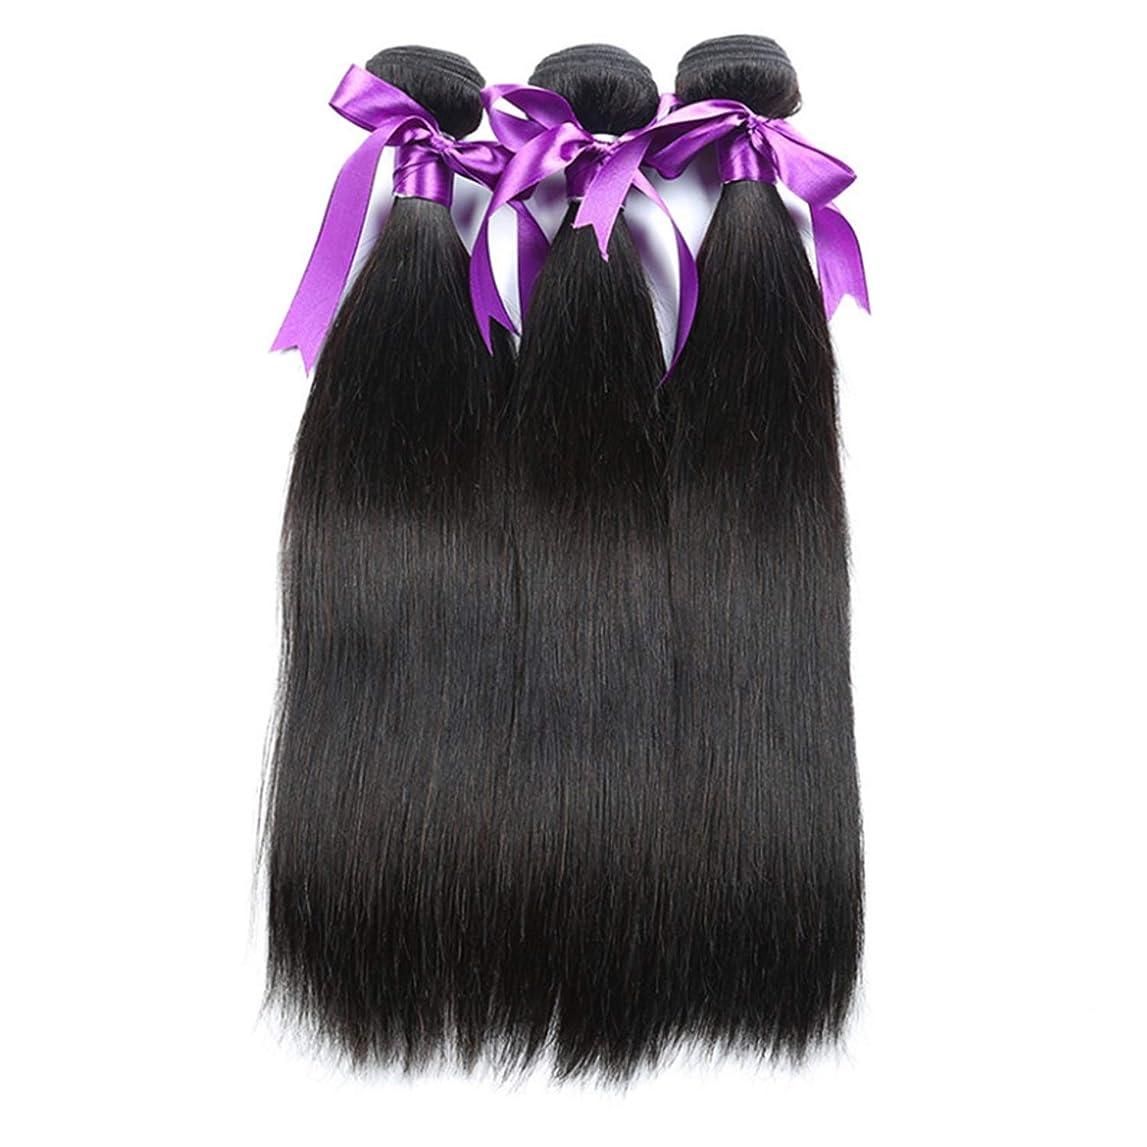 言い換えるとアクションいまブラジルストレートヘアバンドル8-28インチ100%人毛織りレミー髪ナチュラルカラー3ピースボディヘアバンドル かつら (Stretched Length : 12 14 14)